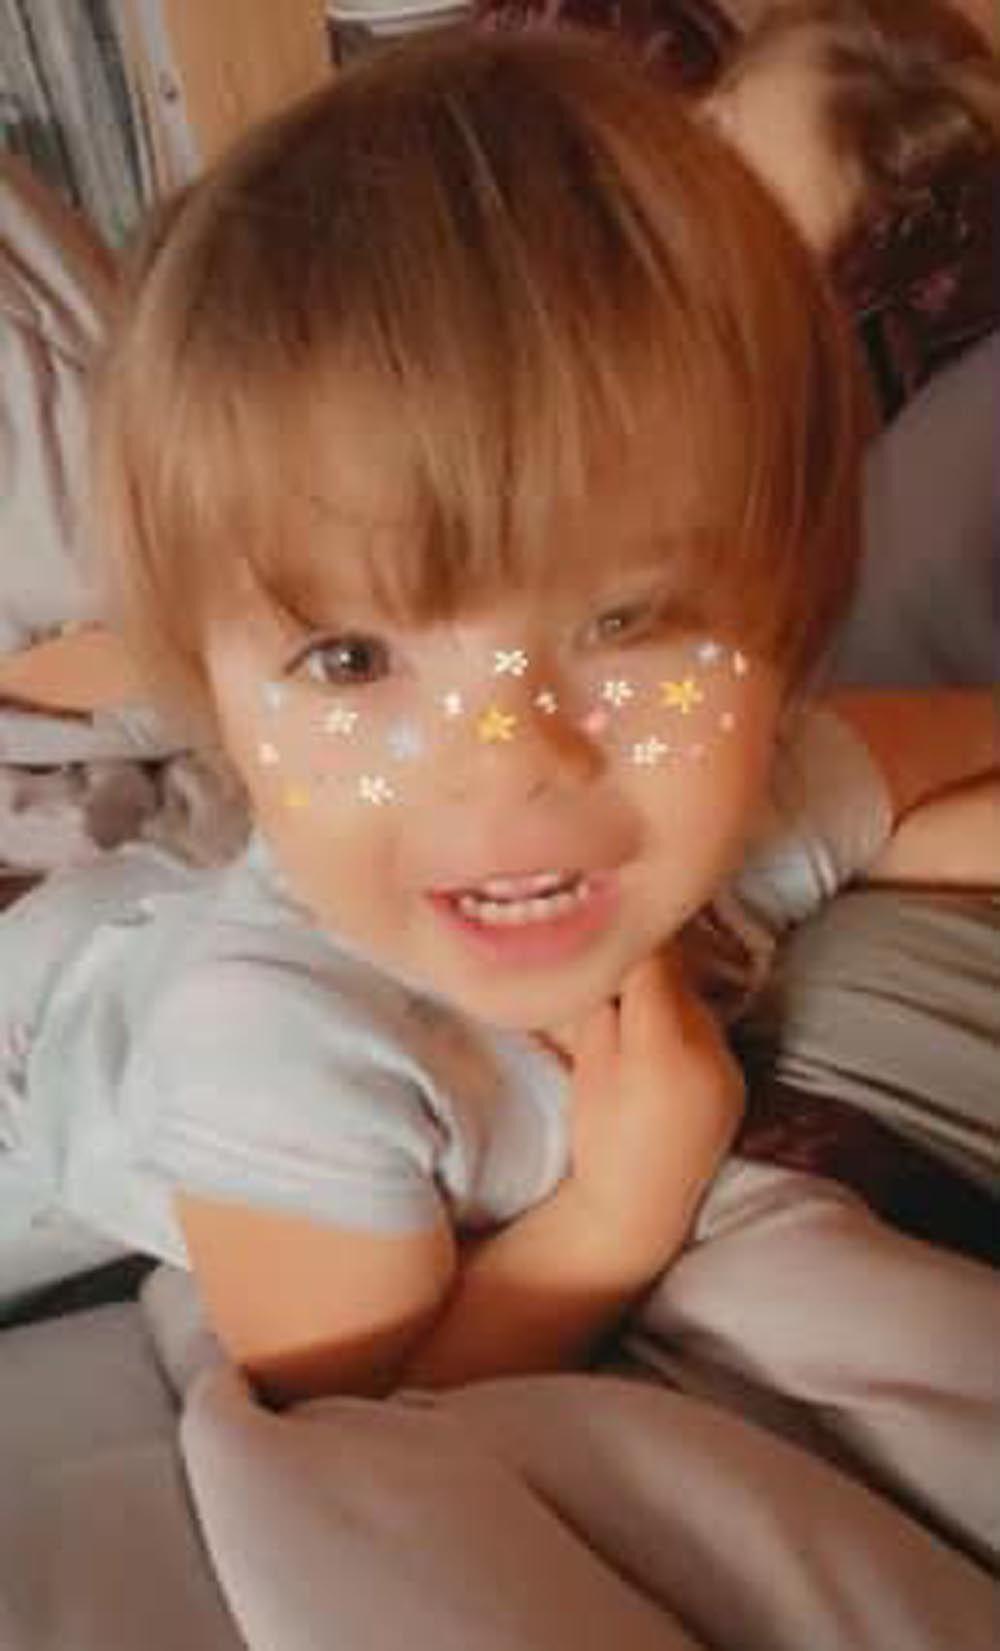 Toddler photo 1